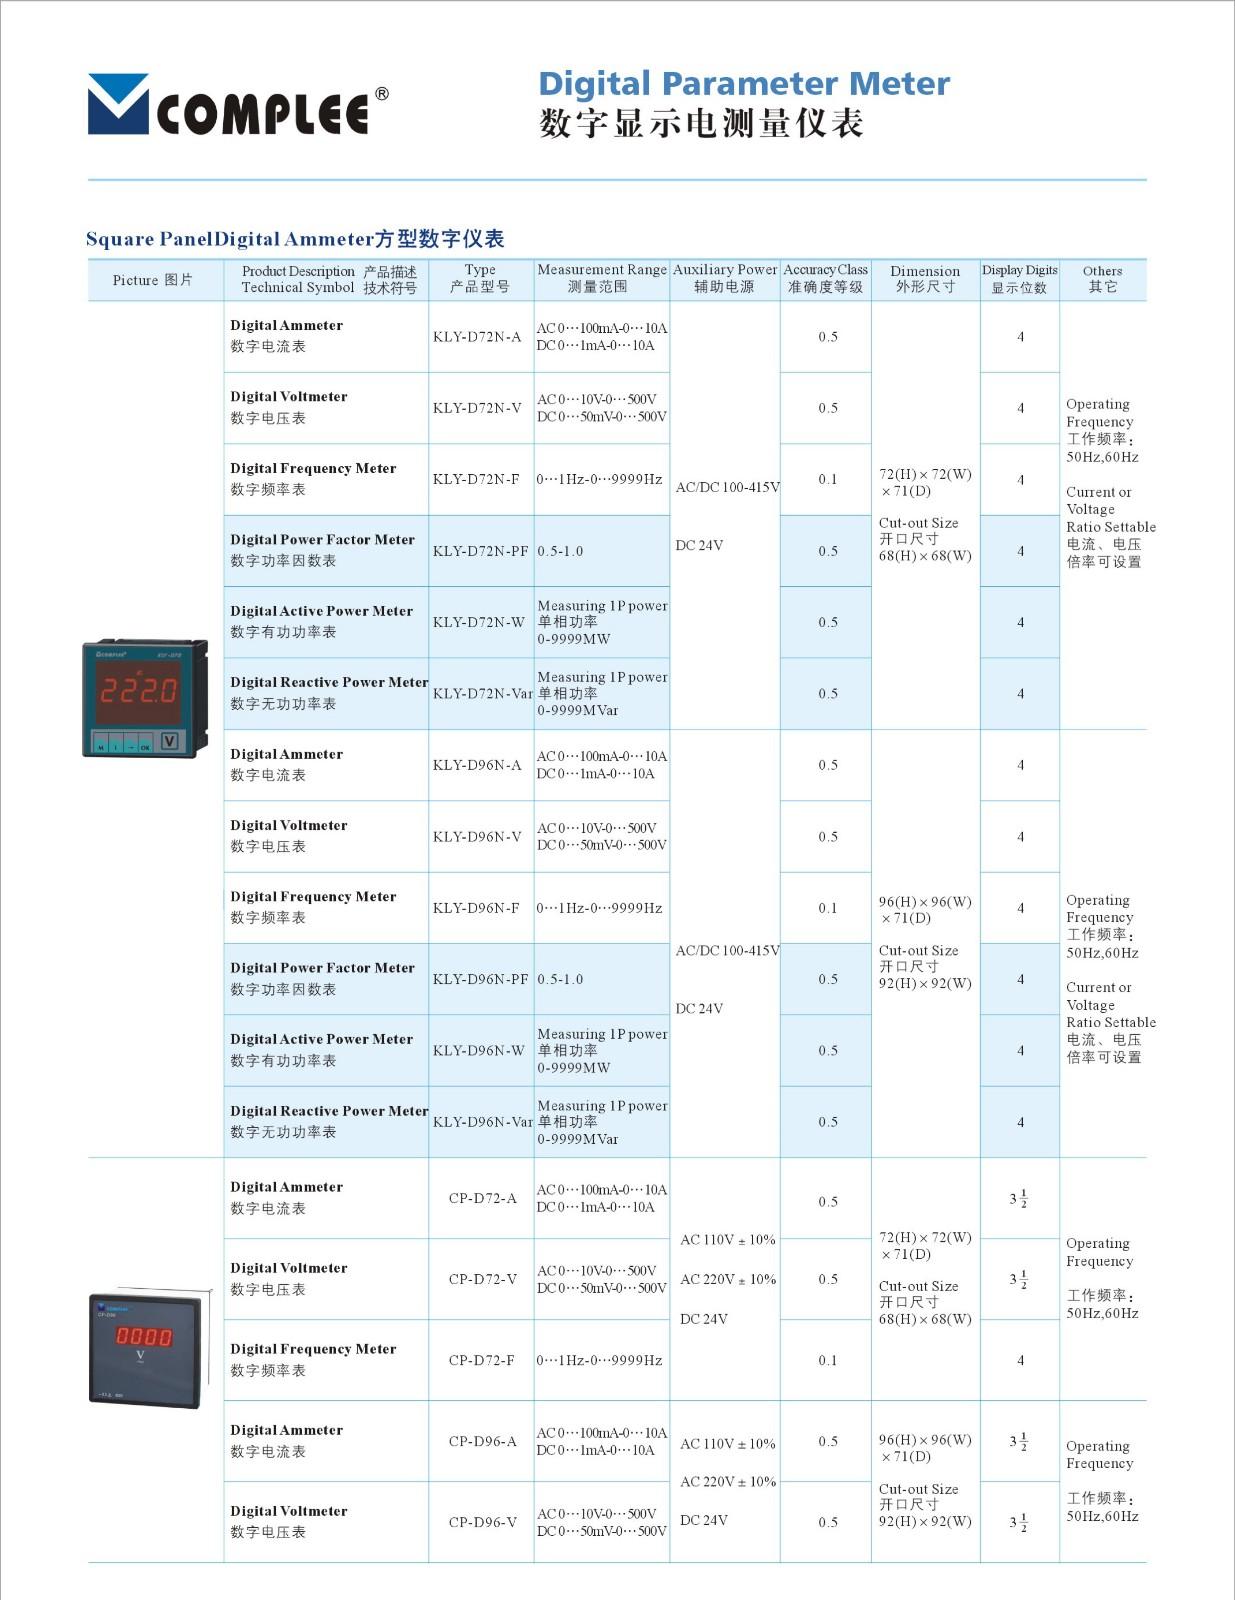 201710数字表现电丈量仪表样本(1)-11 正本.jpg